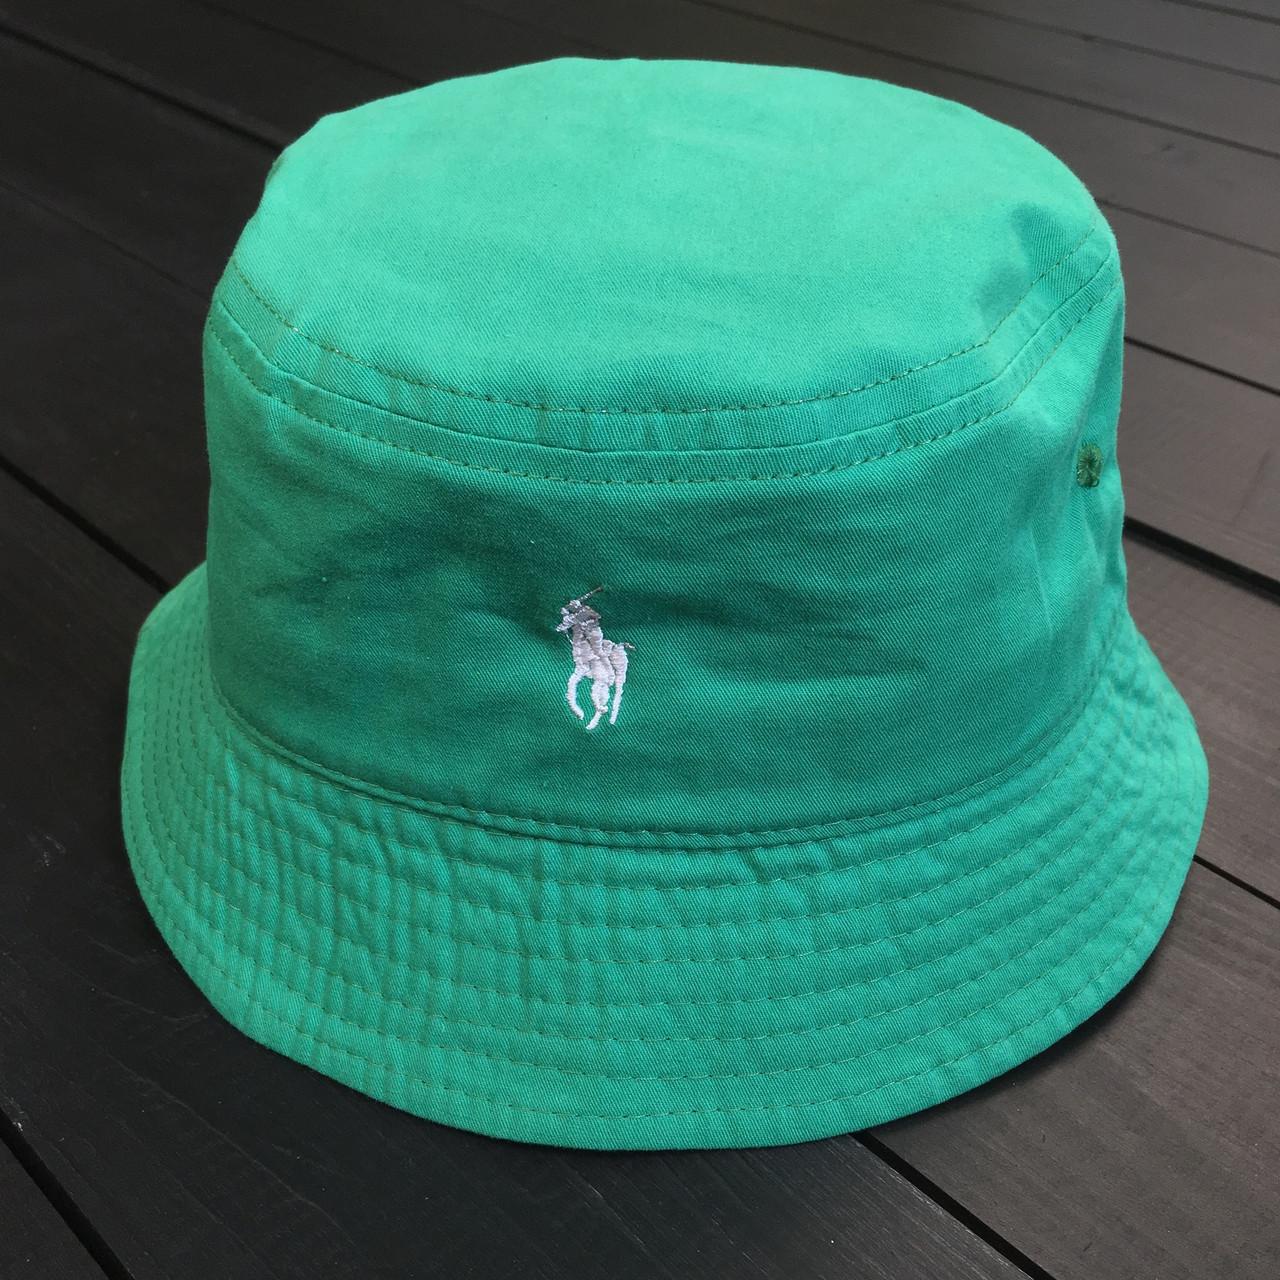 Панама Polo Ralph Lauren Turquoise